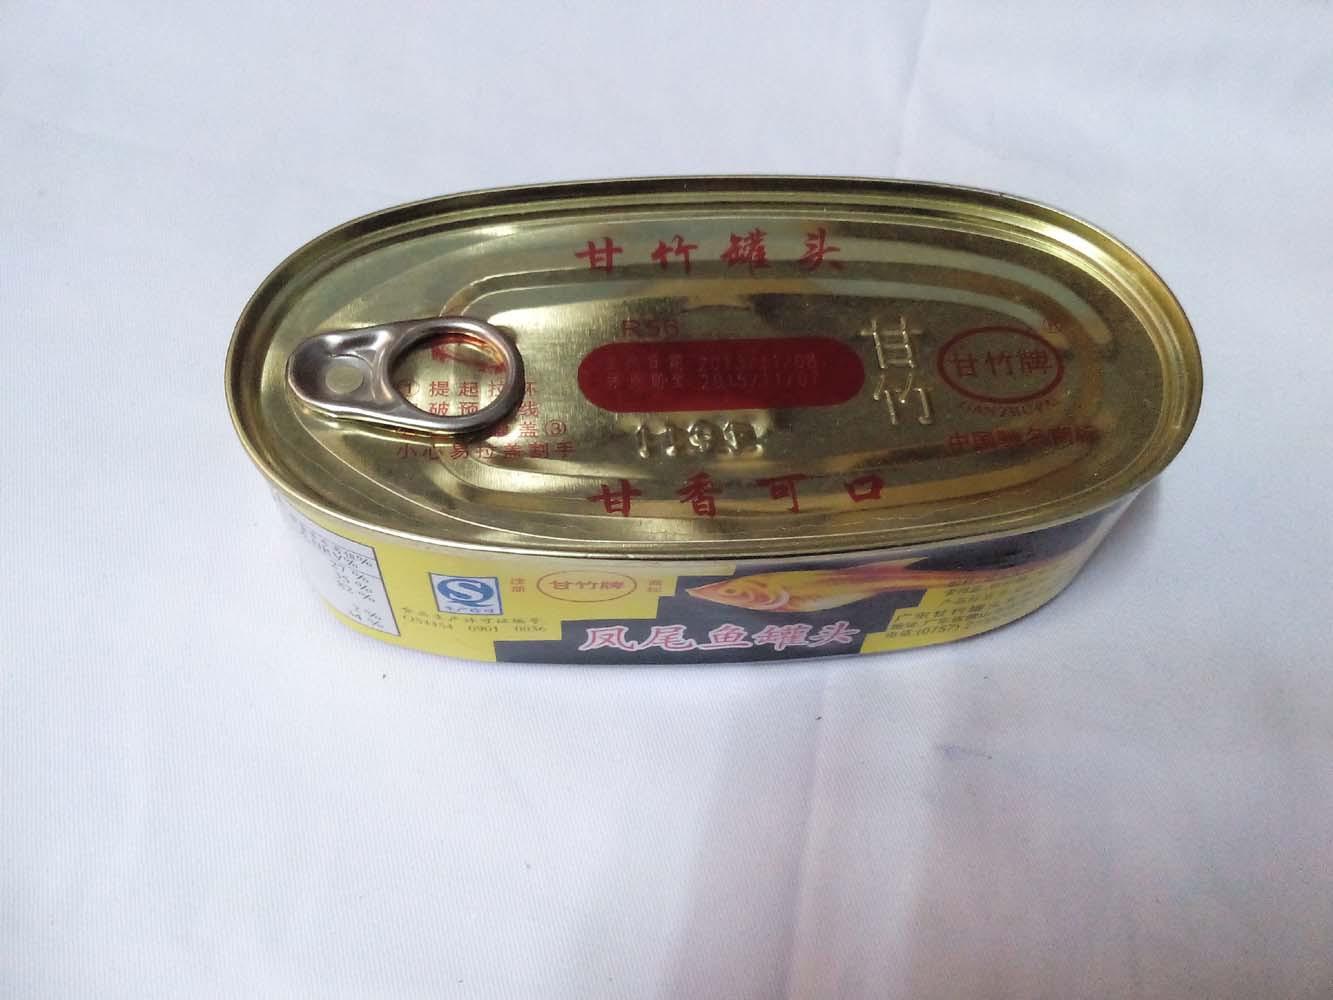 凤尾鱼-求购印度、泰国白鲳、黑鲳,宴席、小黄办菜谱鲥鱼图片